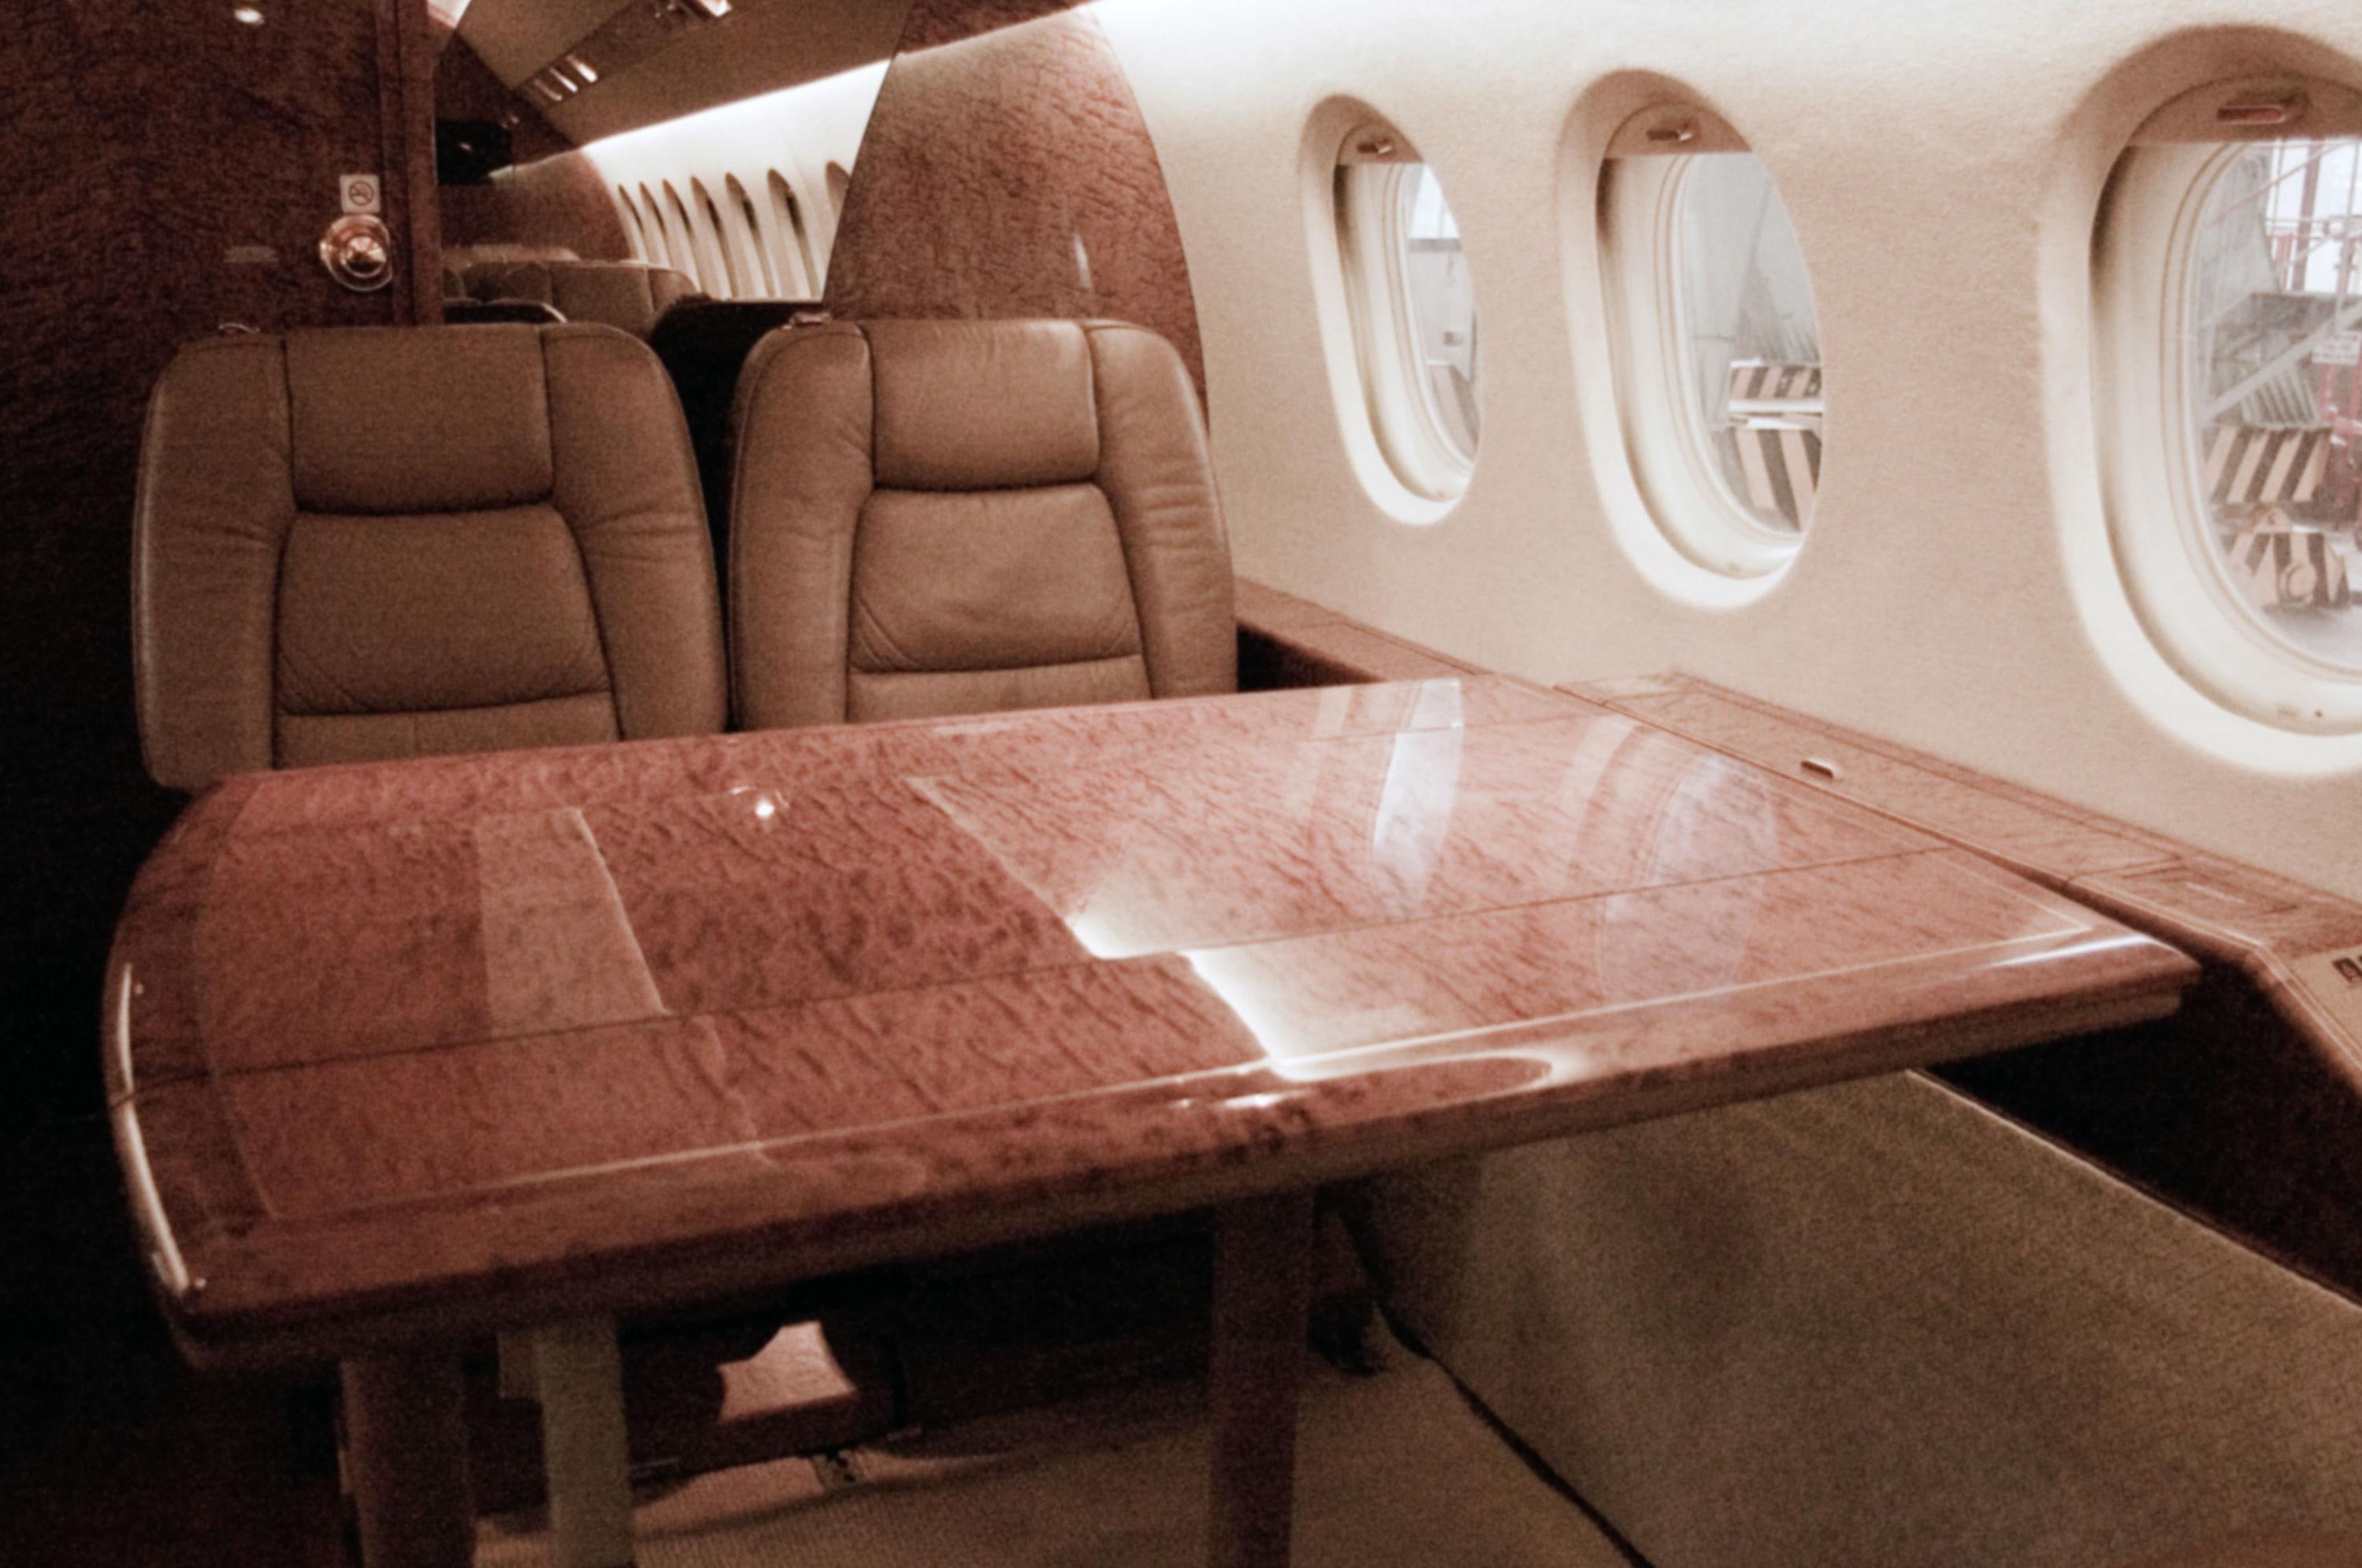 Foto 7 de Mantenimiento del interior de aeronaves en Madrid | AERONÁUTICA GESTIÓN